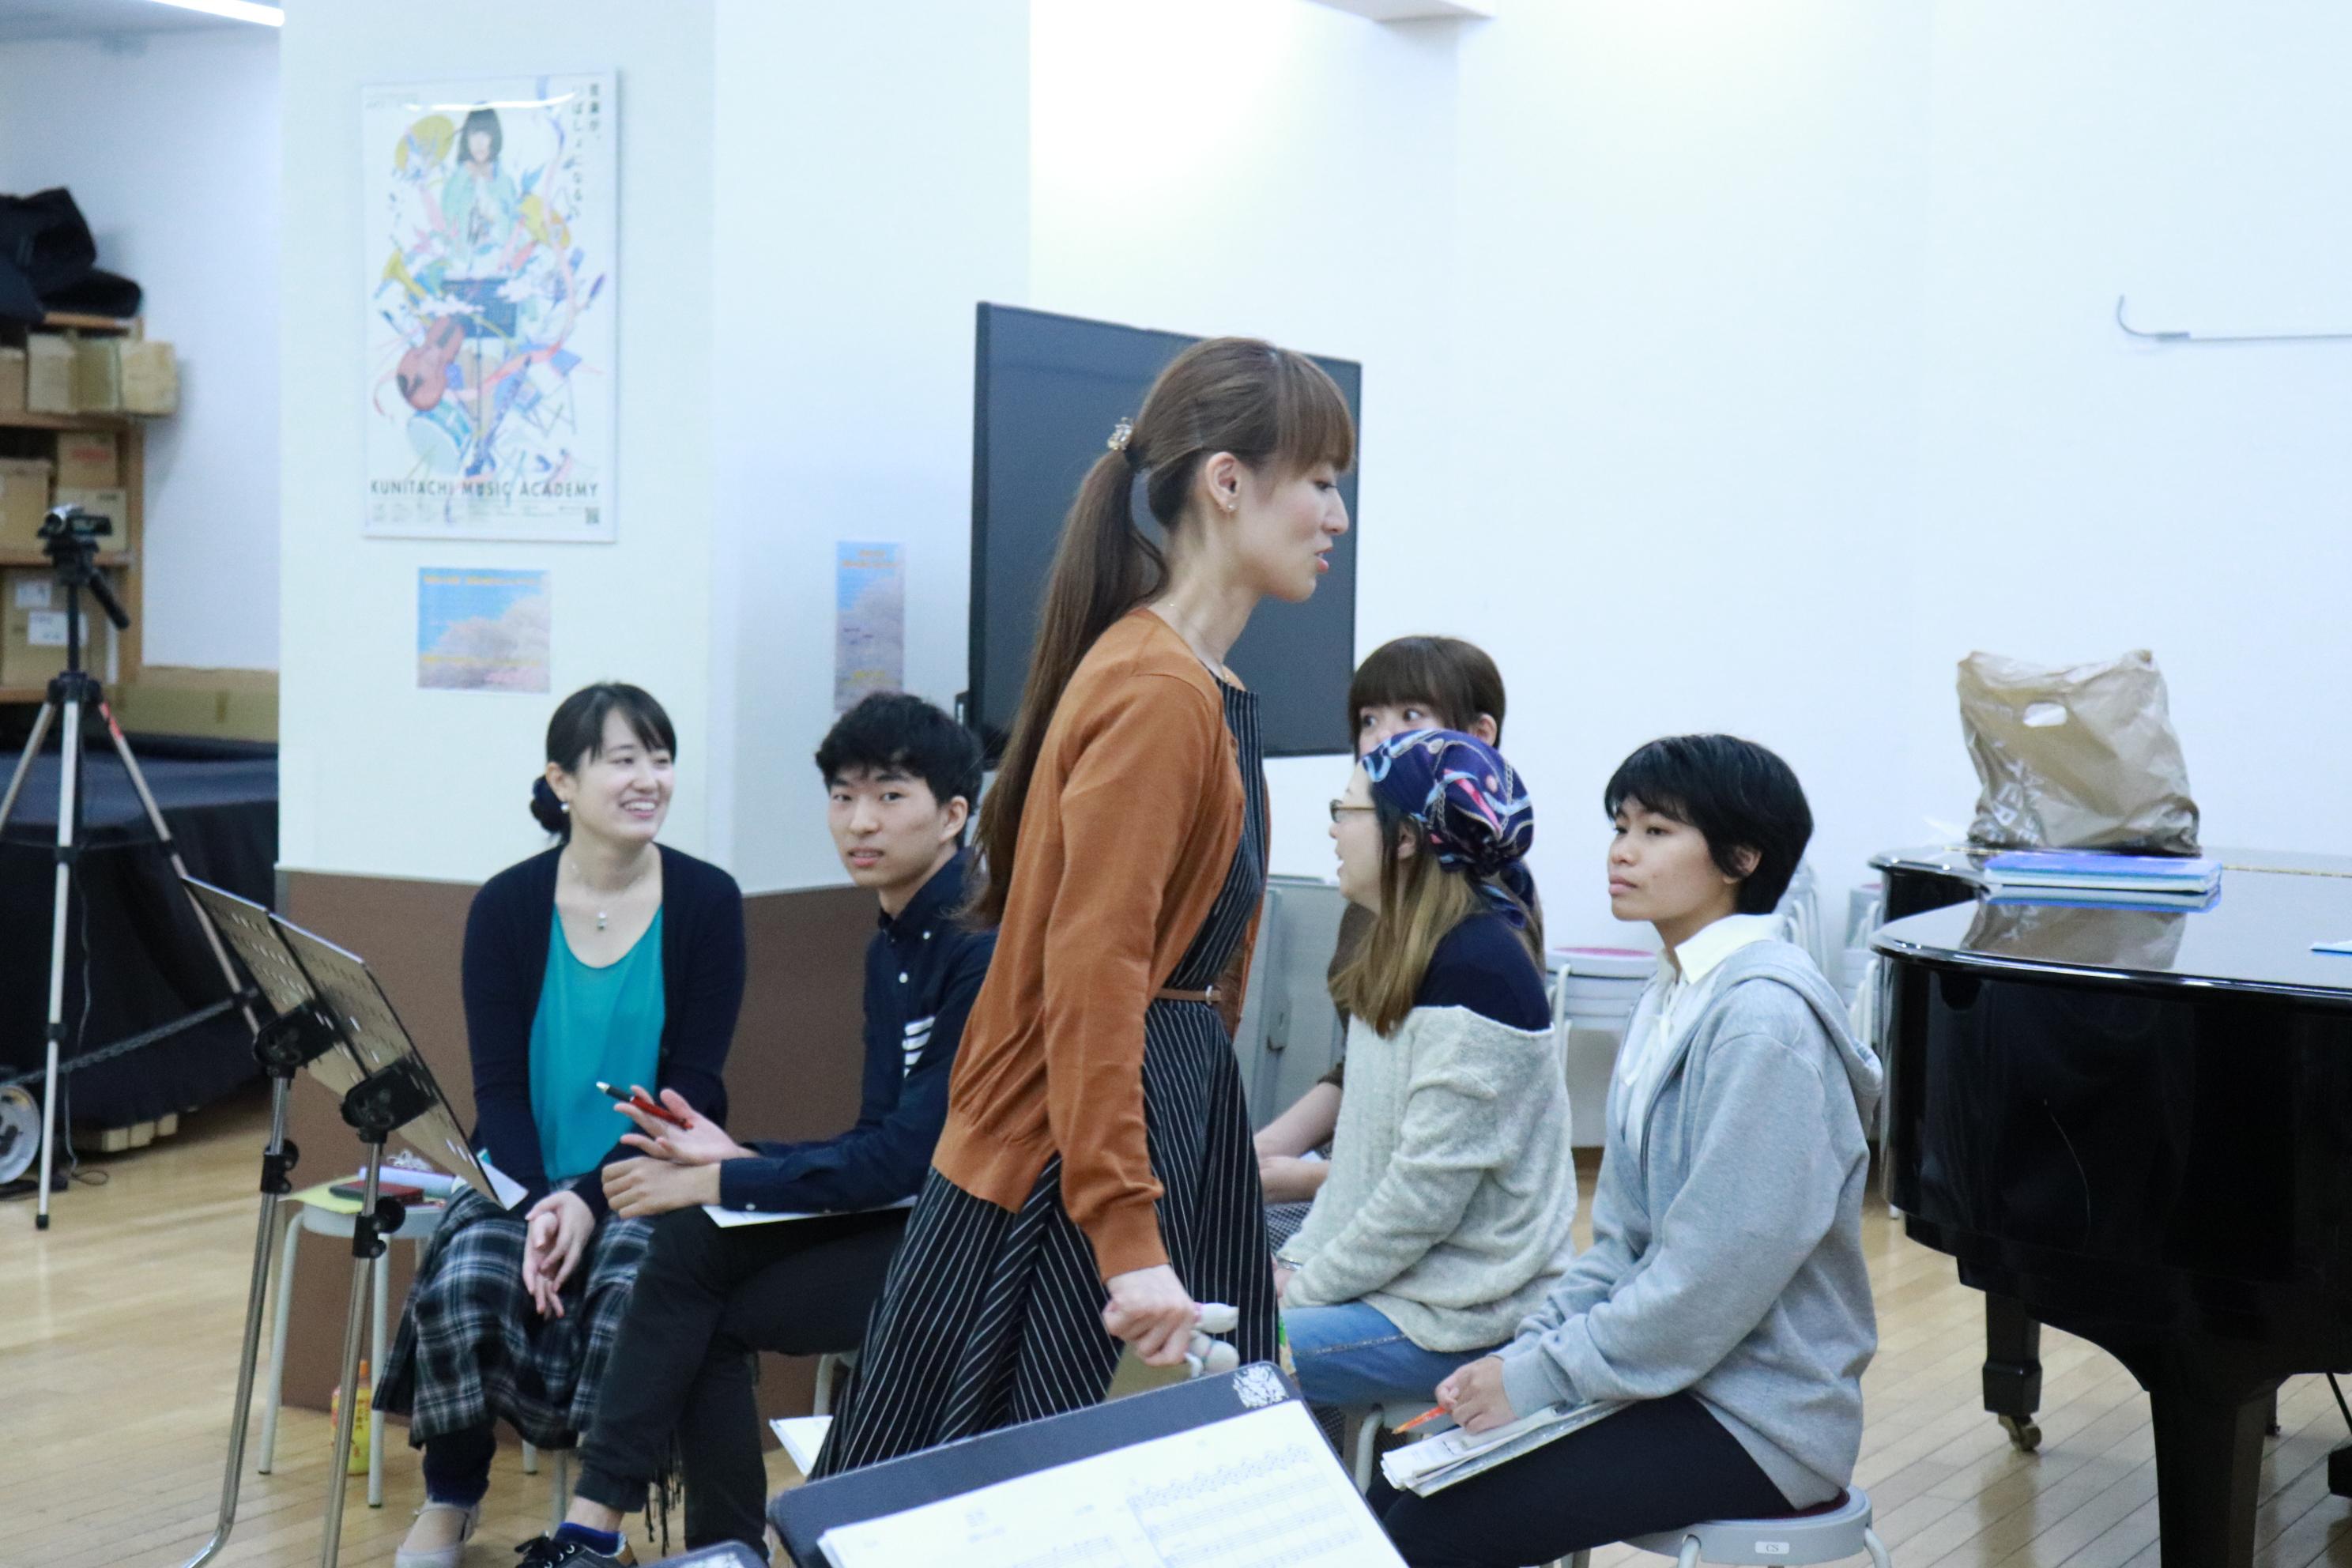 作曲・編曲を手掛けた学院生達の姿。